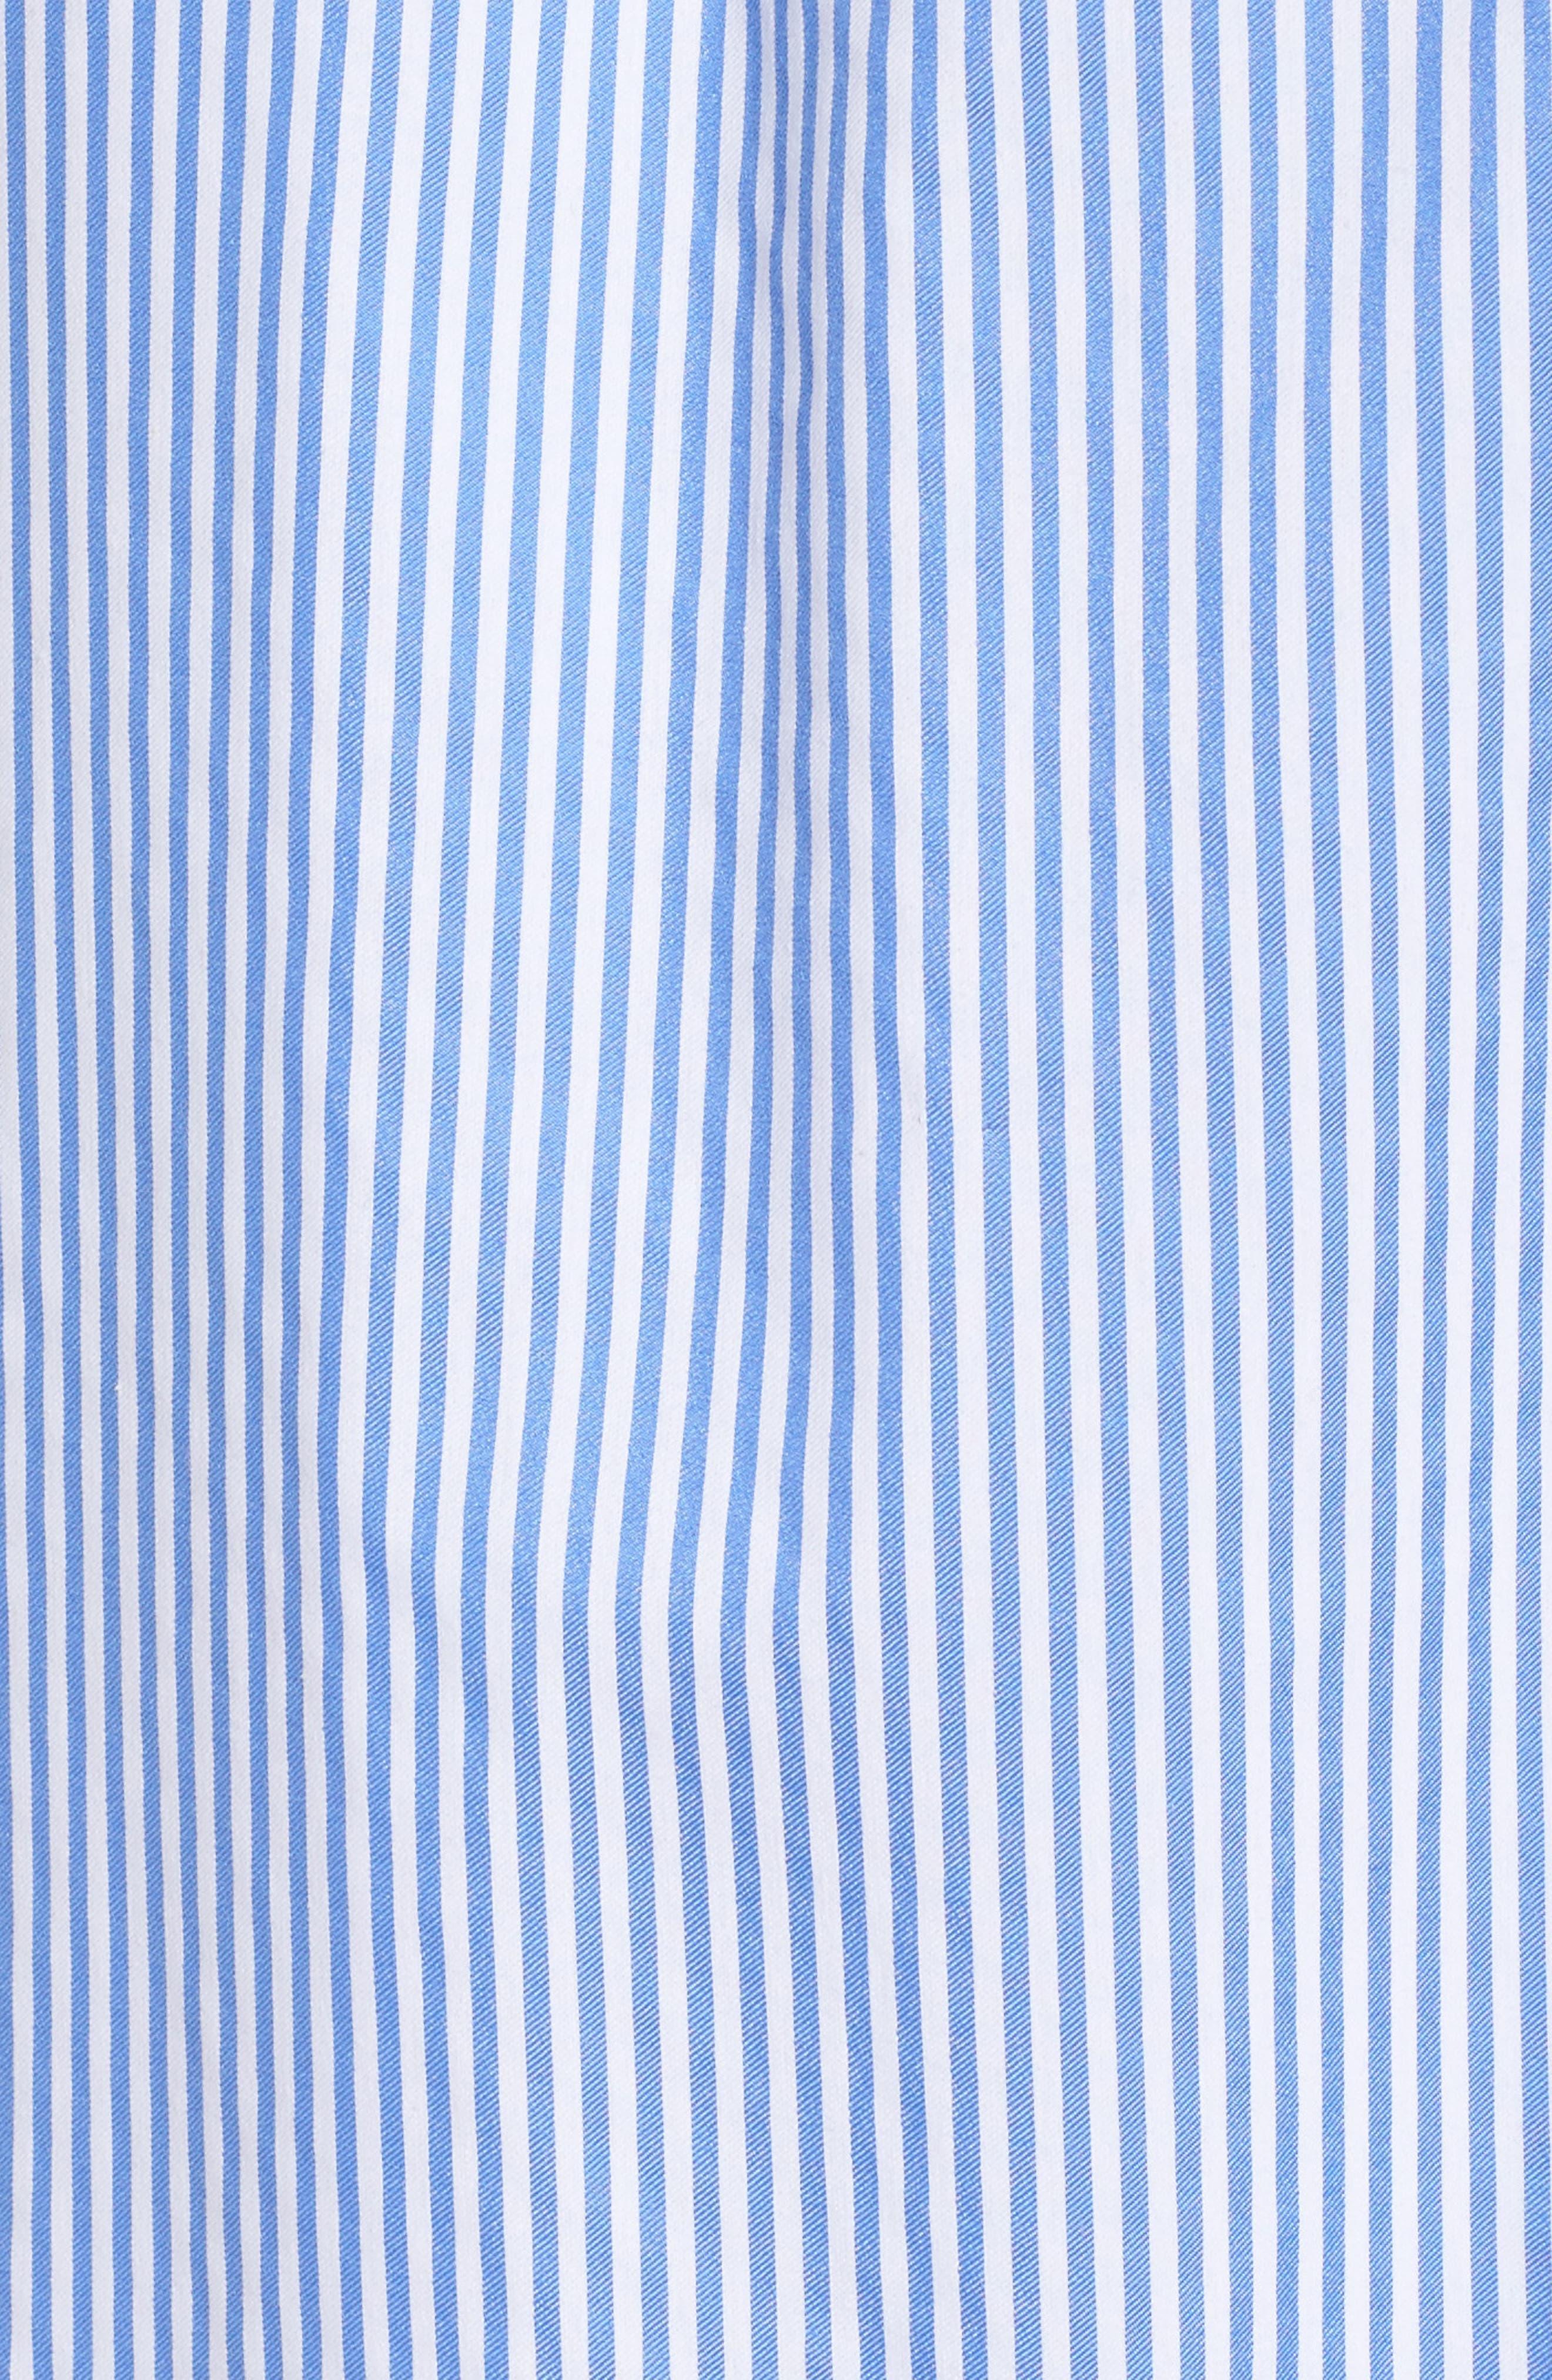 Embroidered Stripe Cold Shoulder Shift Dress,                             Alternate thumbnail 5, color,                             Blue/ White/ Orange